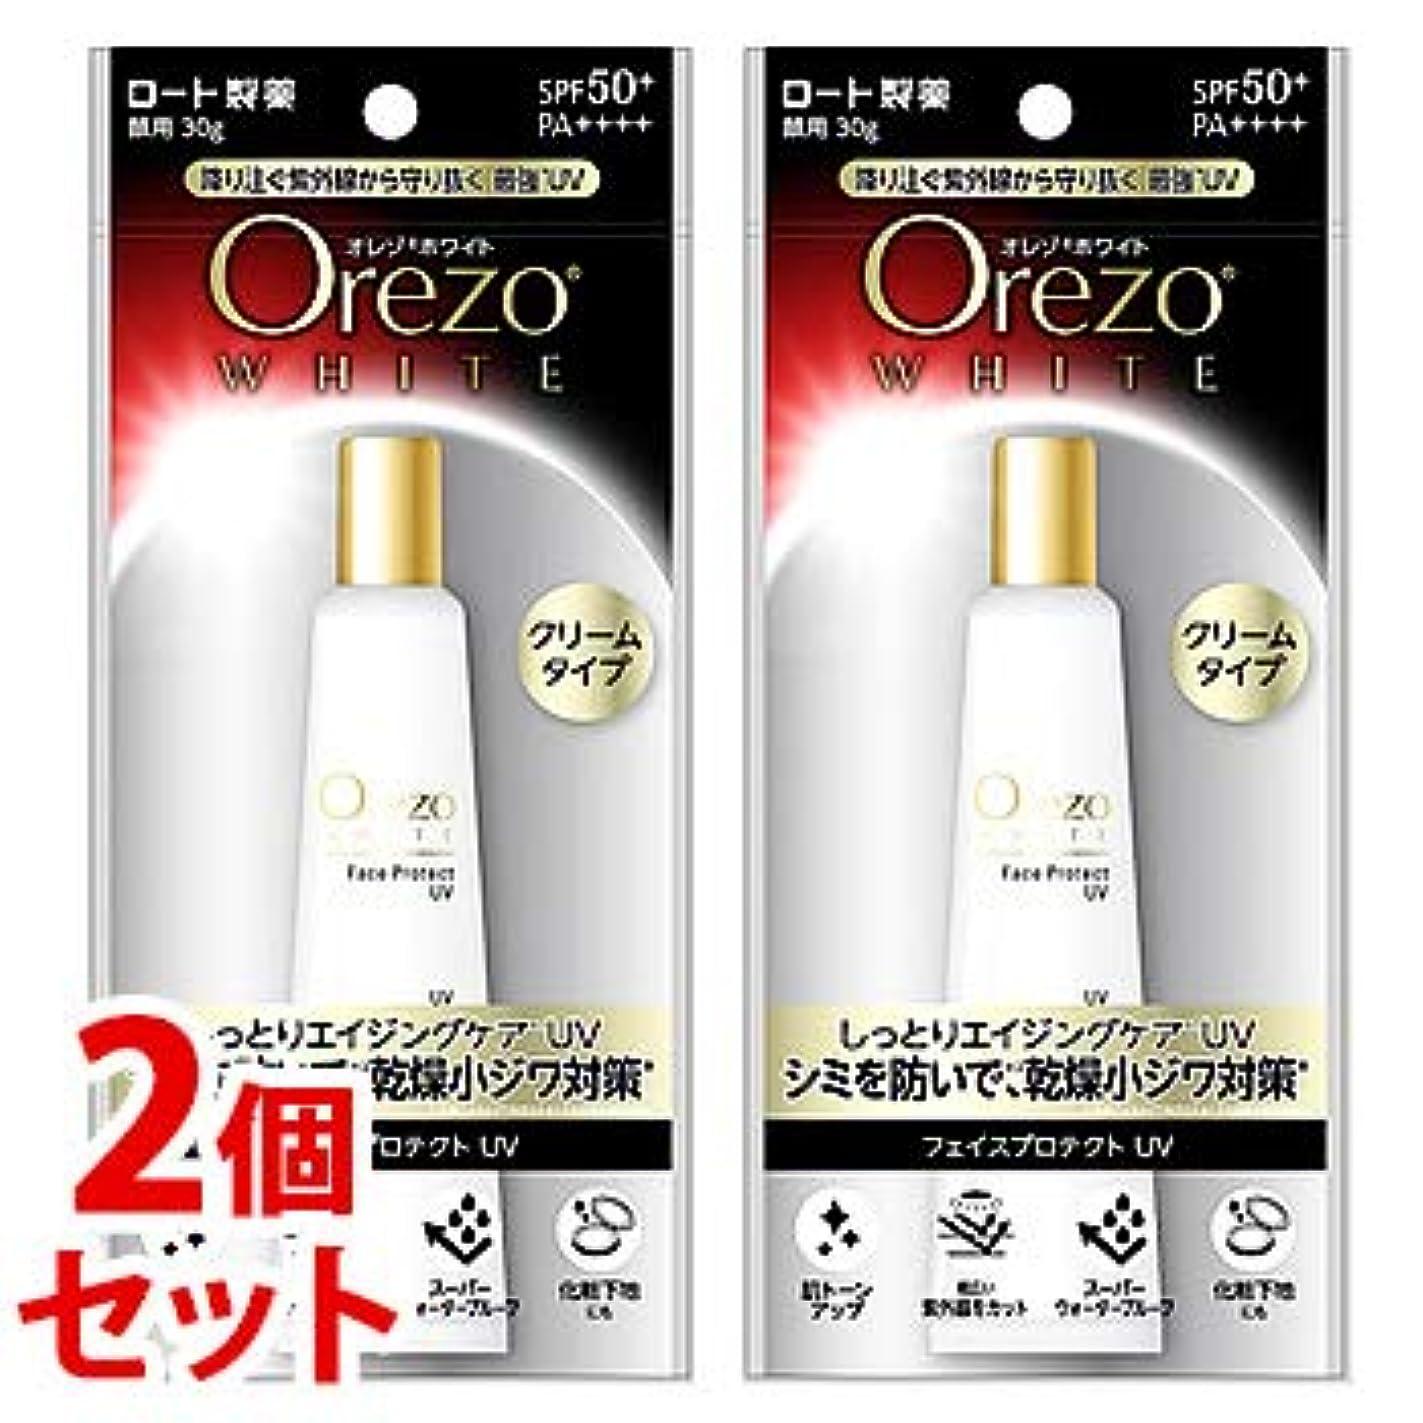 宣伝復活させる六《セット販売》 ロート製薬 Orezo オレゾ ホワイト フェイスプロテクトUV SPF50+ PA++++ (30g)×2個セット 顔用 日やけ止め 化粧下地 クリームタイプ